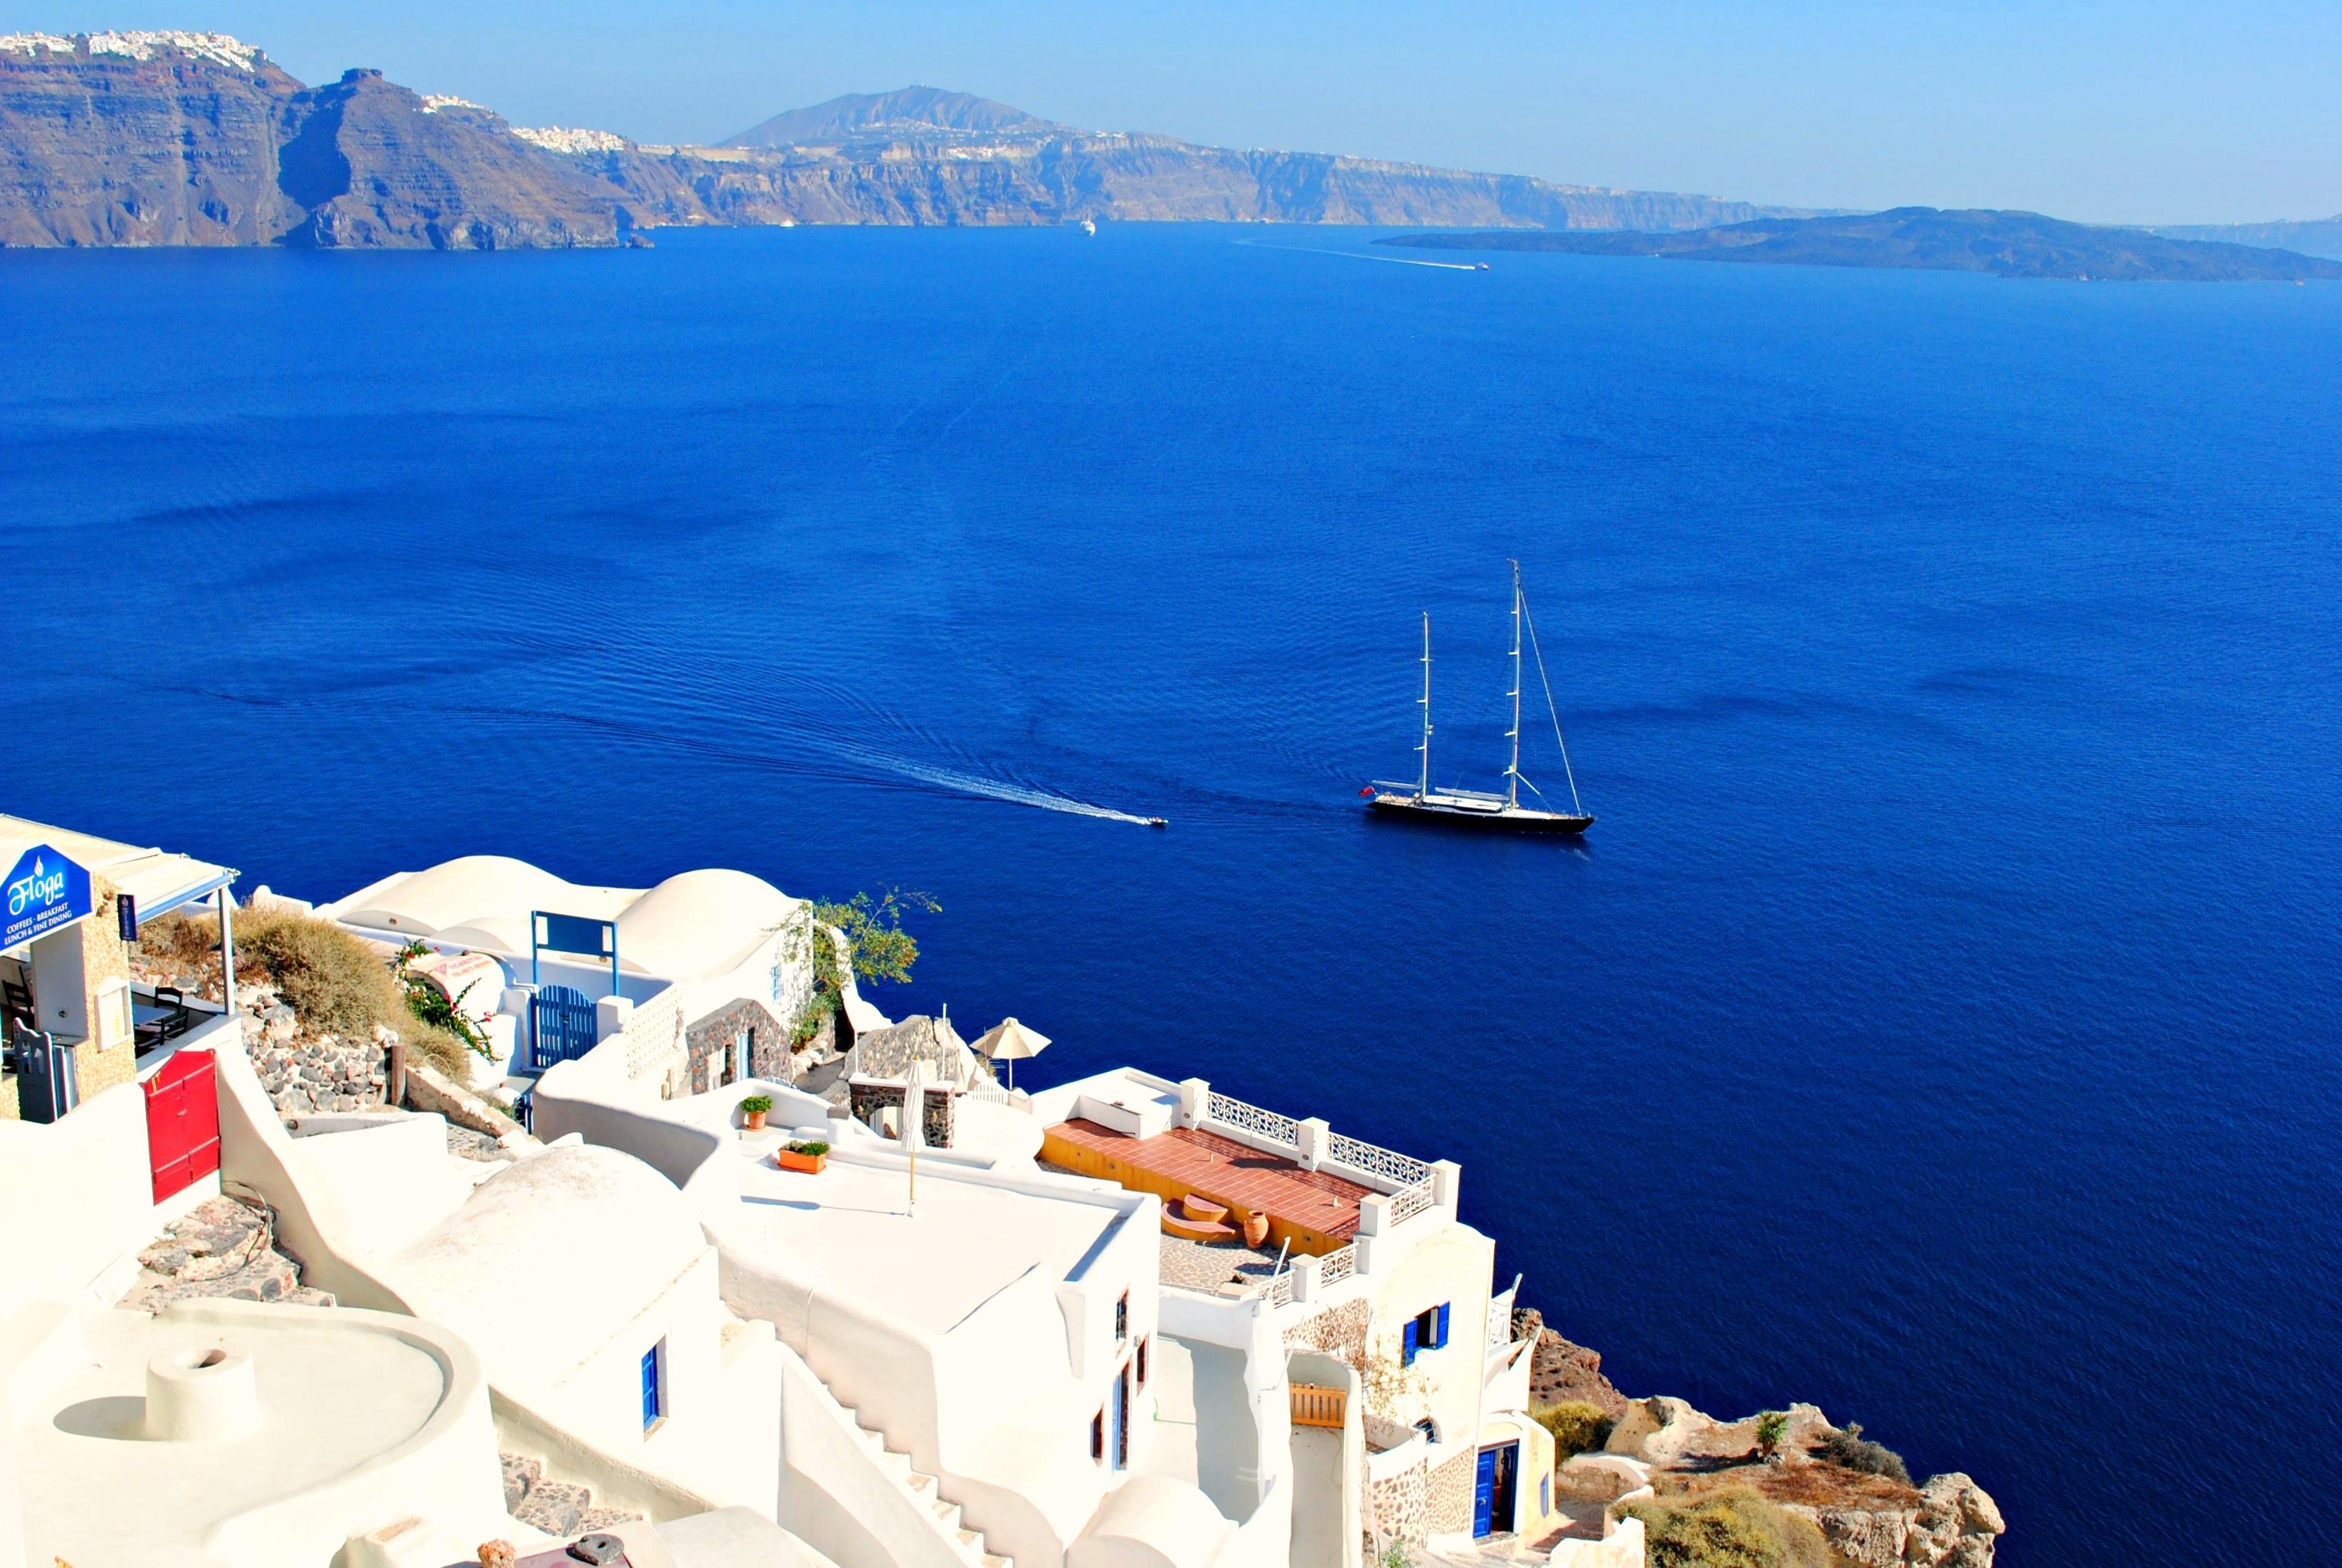 давно выращивают картинки фото моря греция каждую часть рабочем